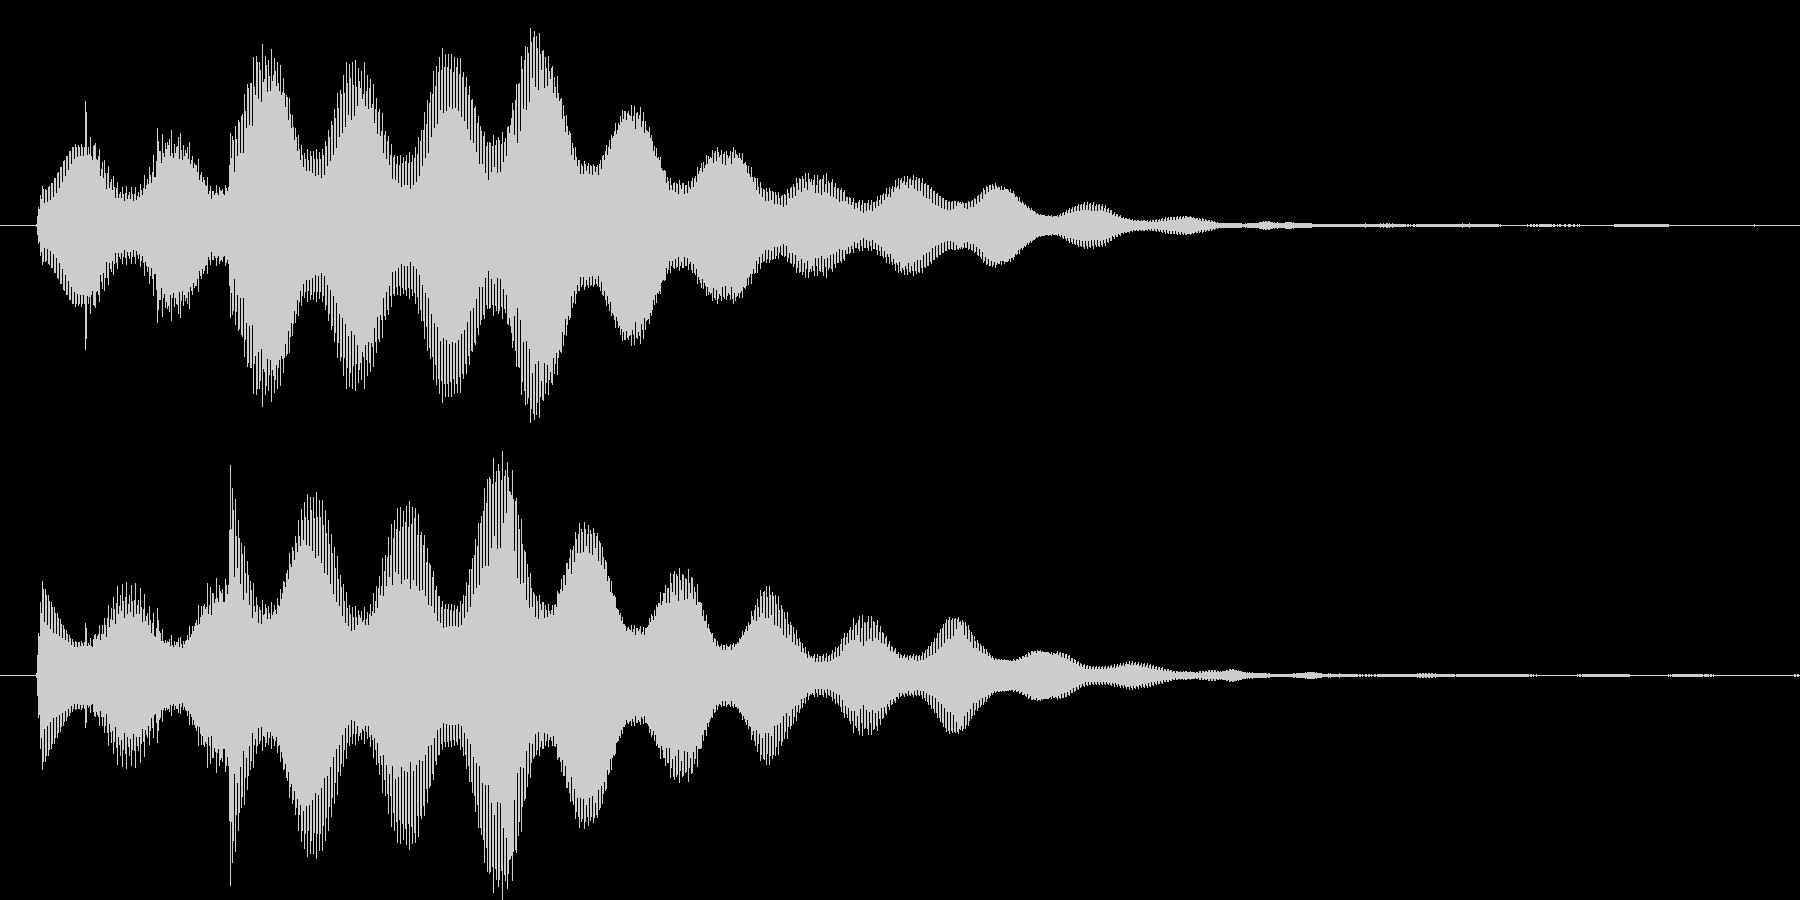 決定ボタンを押した時などの音の未再生の波形